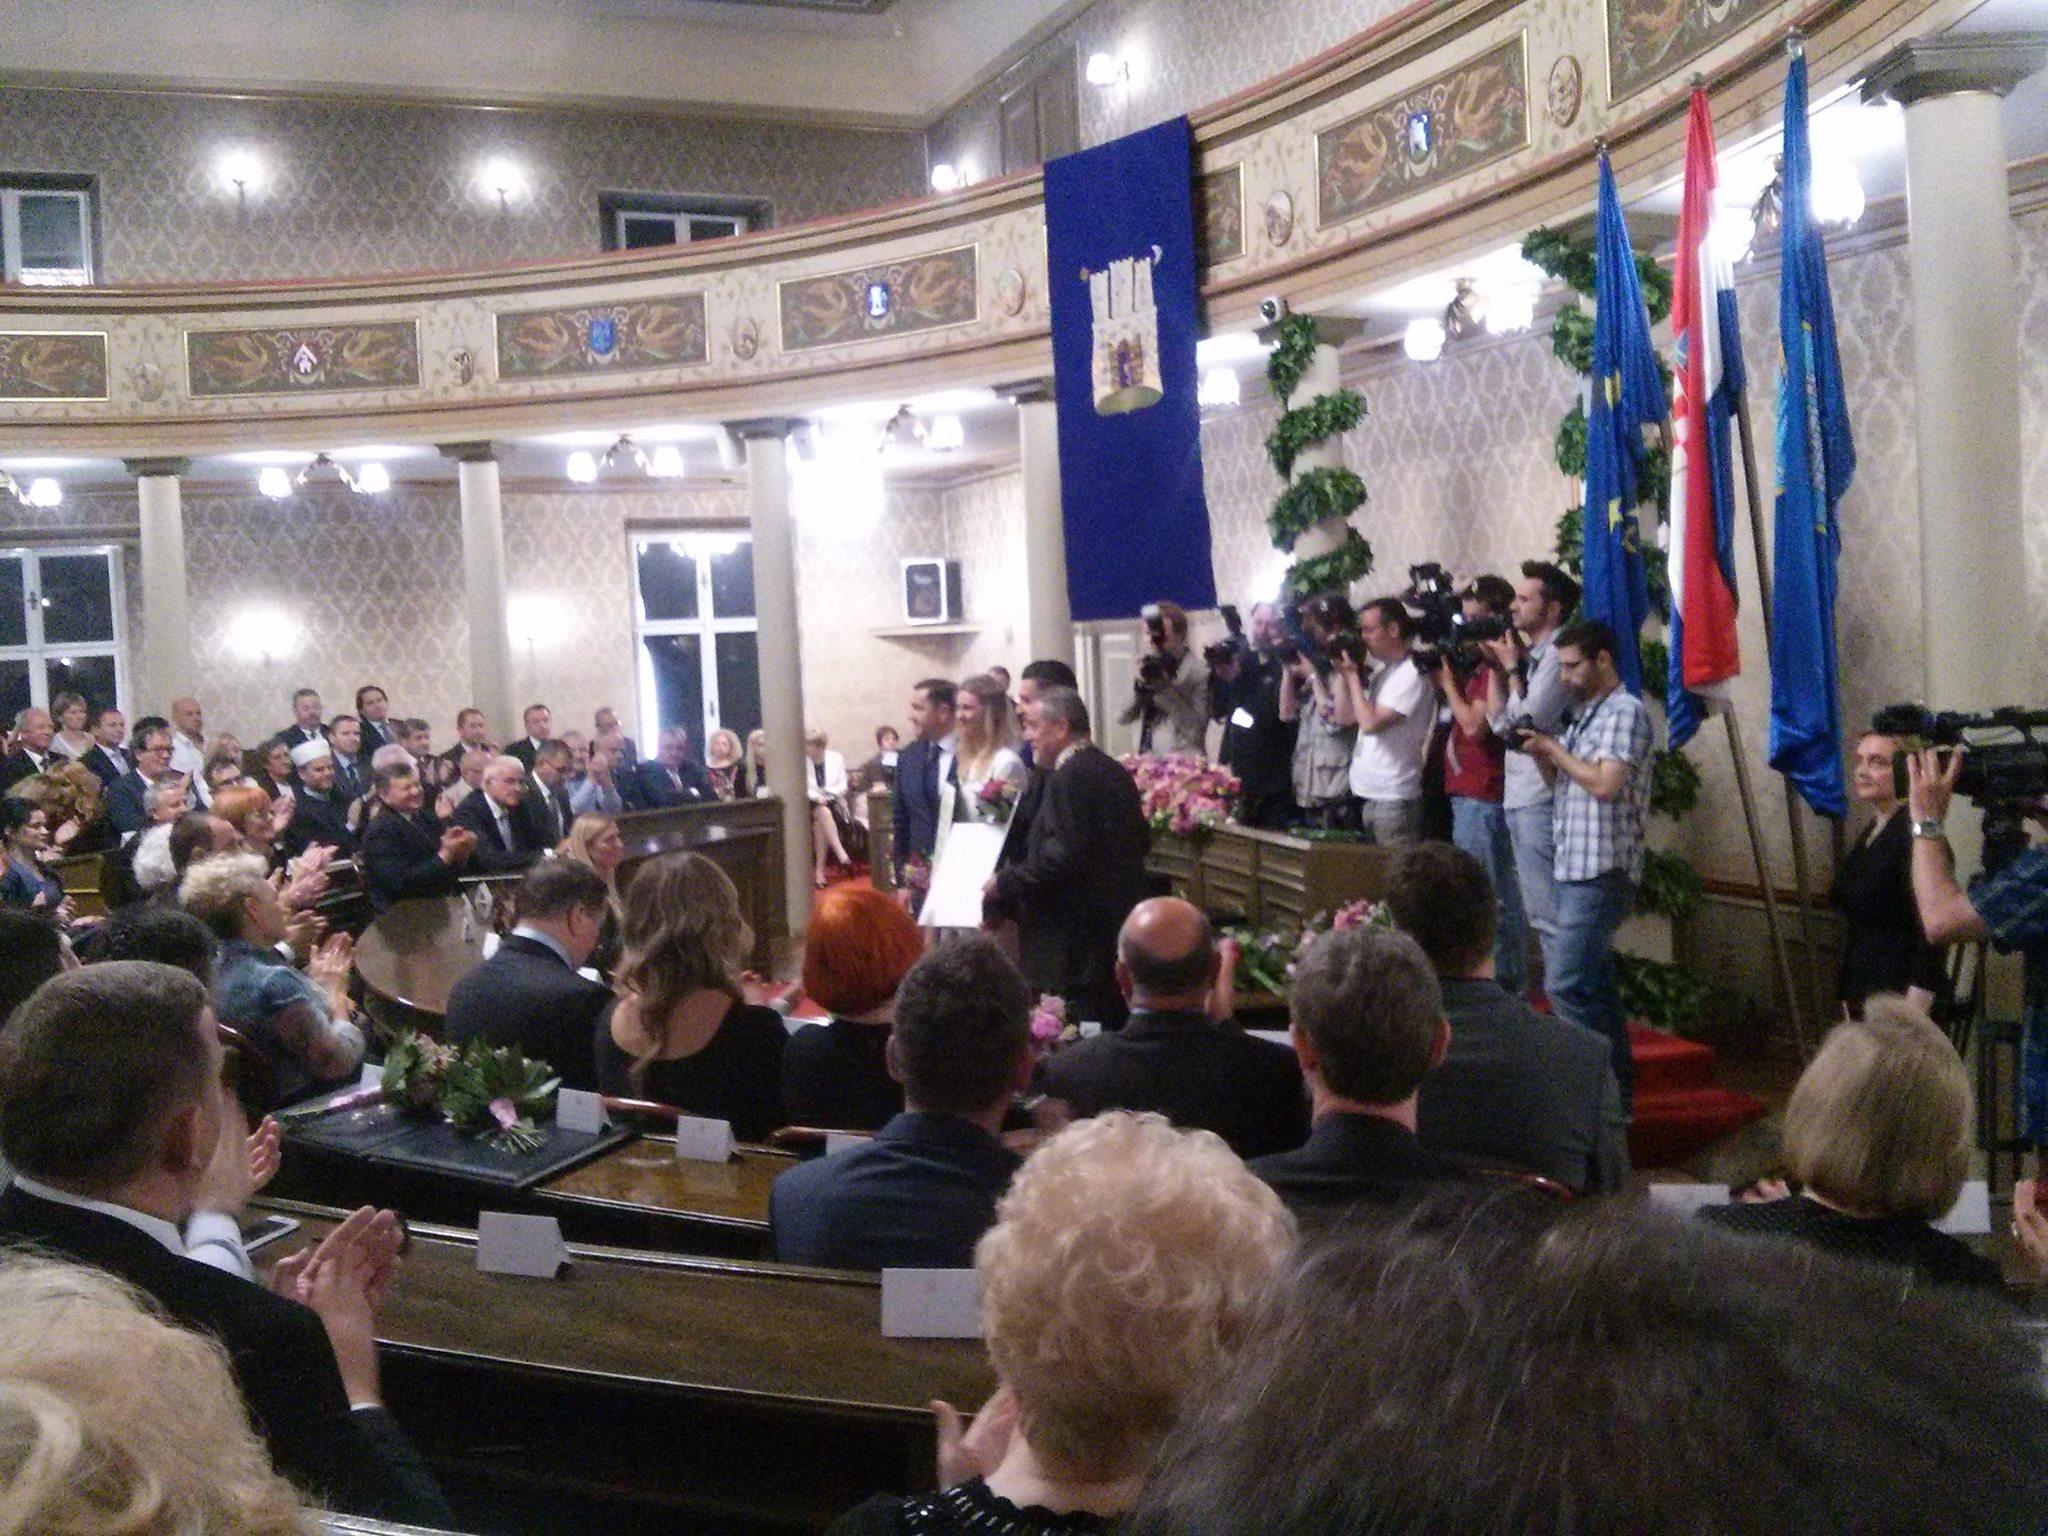 ZAGREB SLAVI DAN GRADA: Na svečanoj sjednici podijeljene nagrade zaslužnima